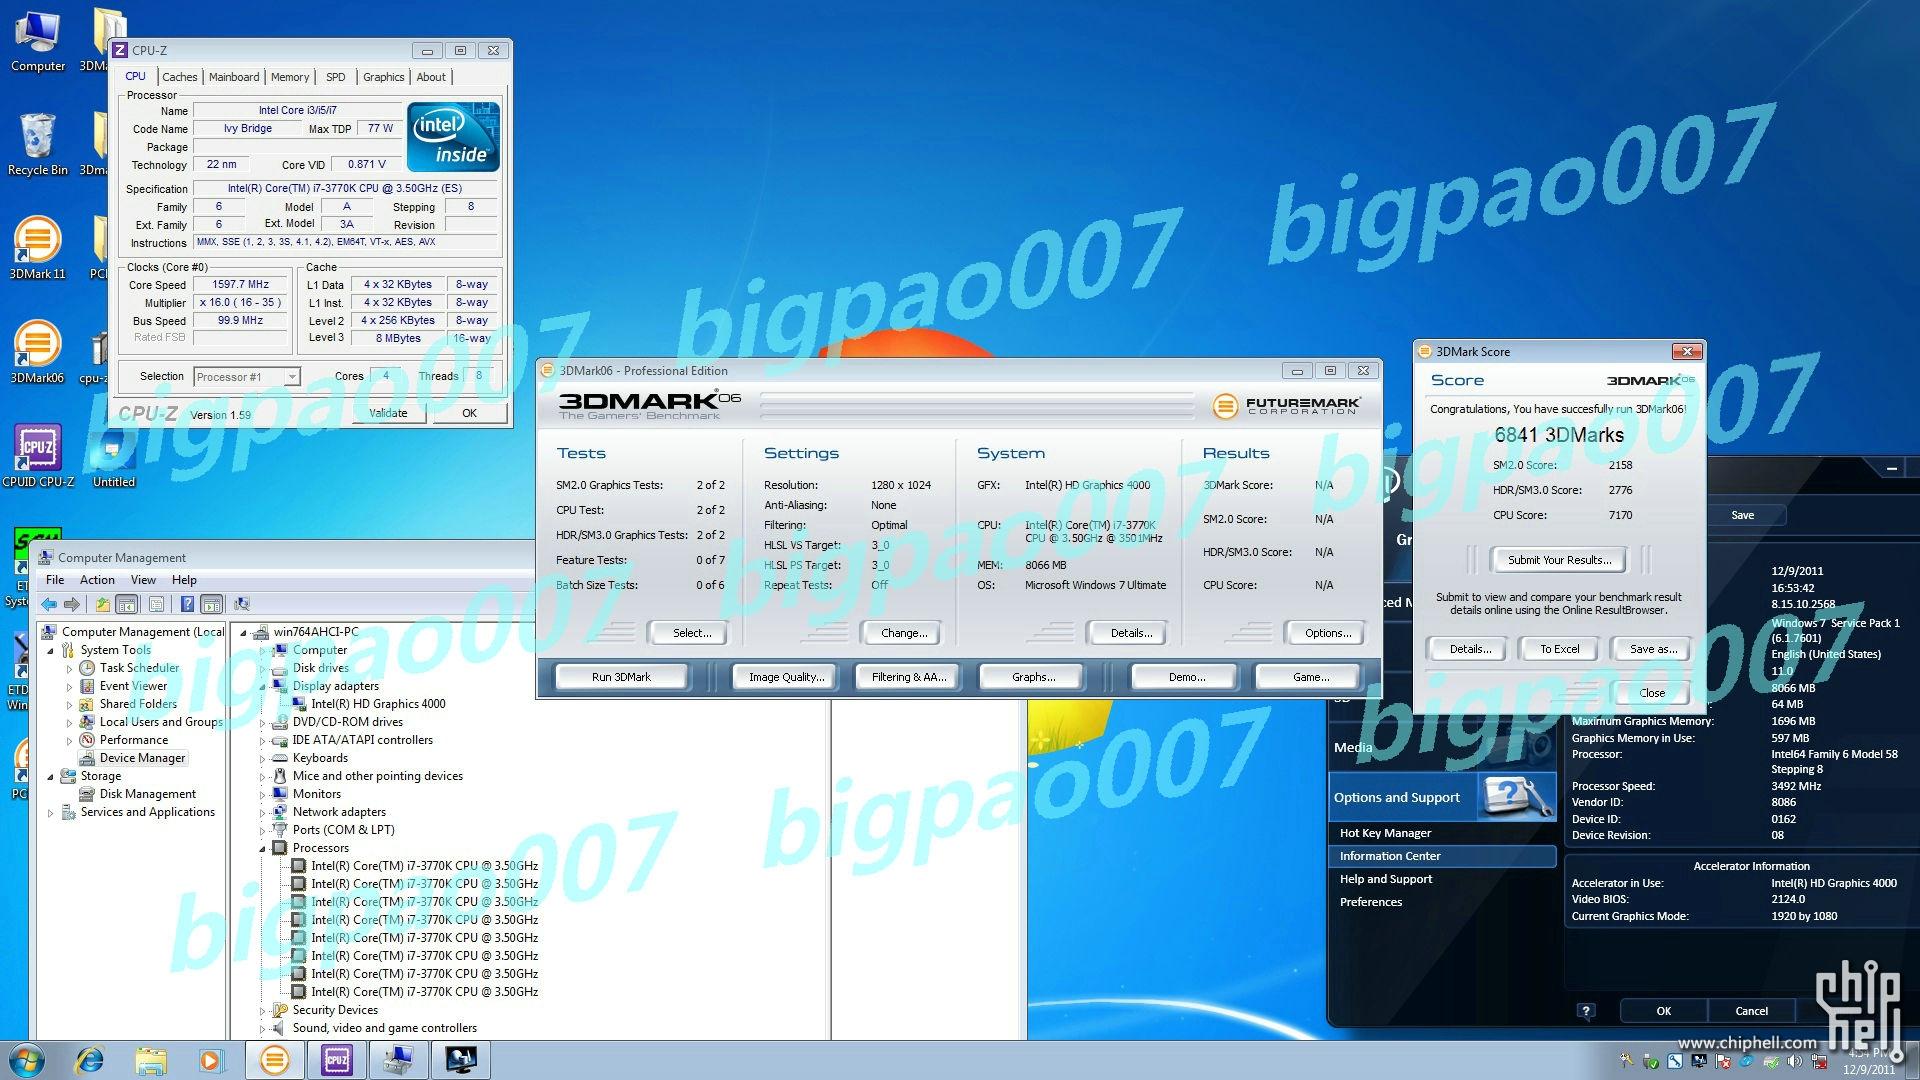 bigpao007_7